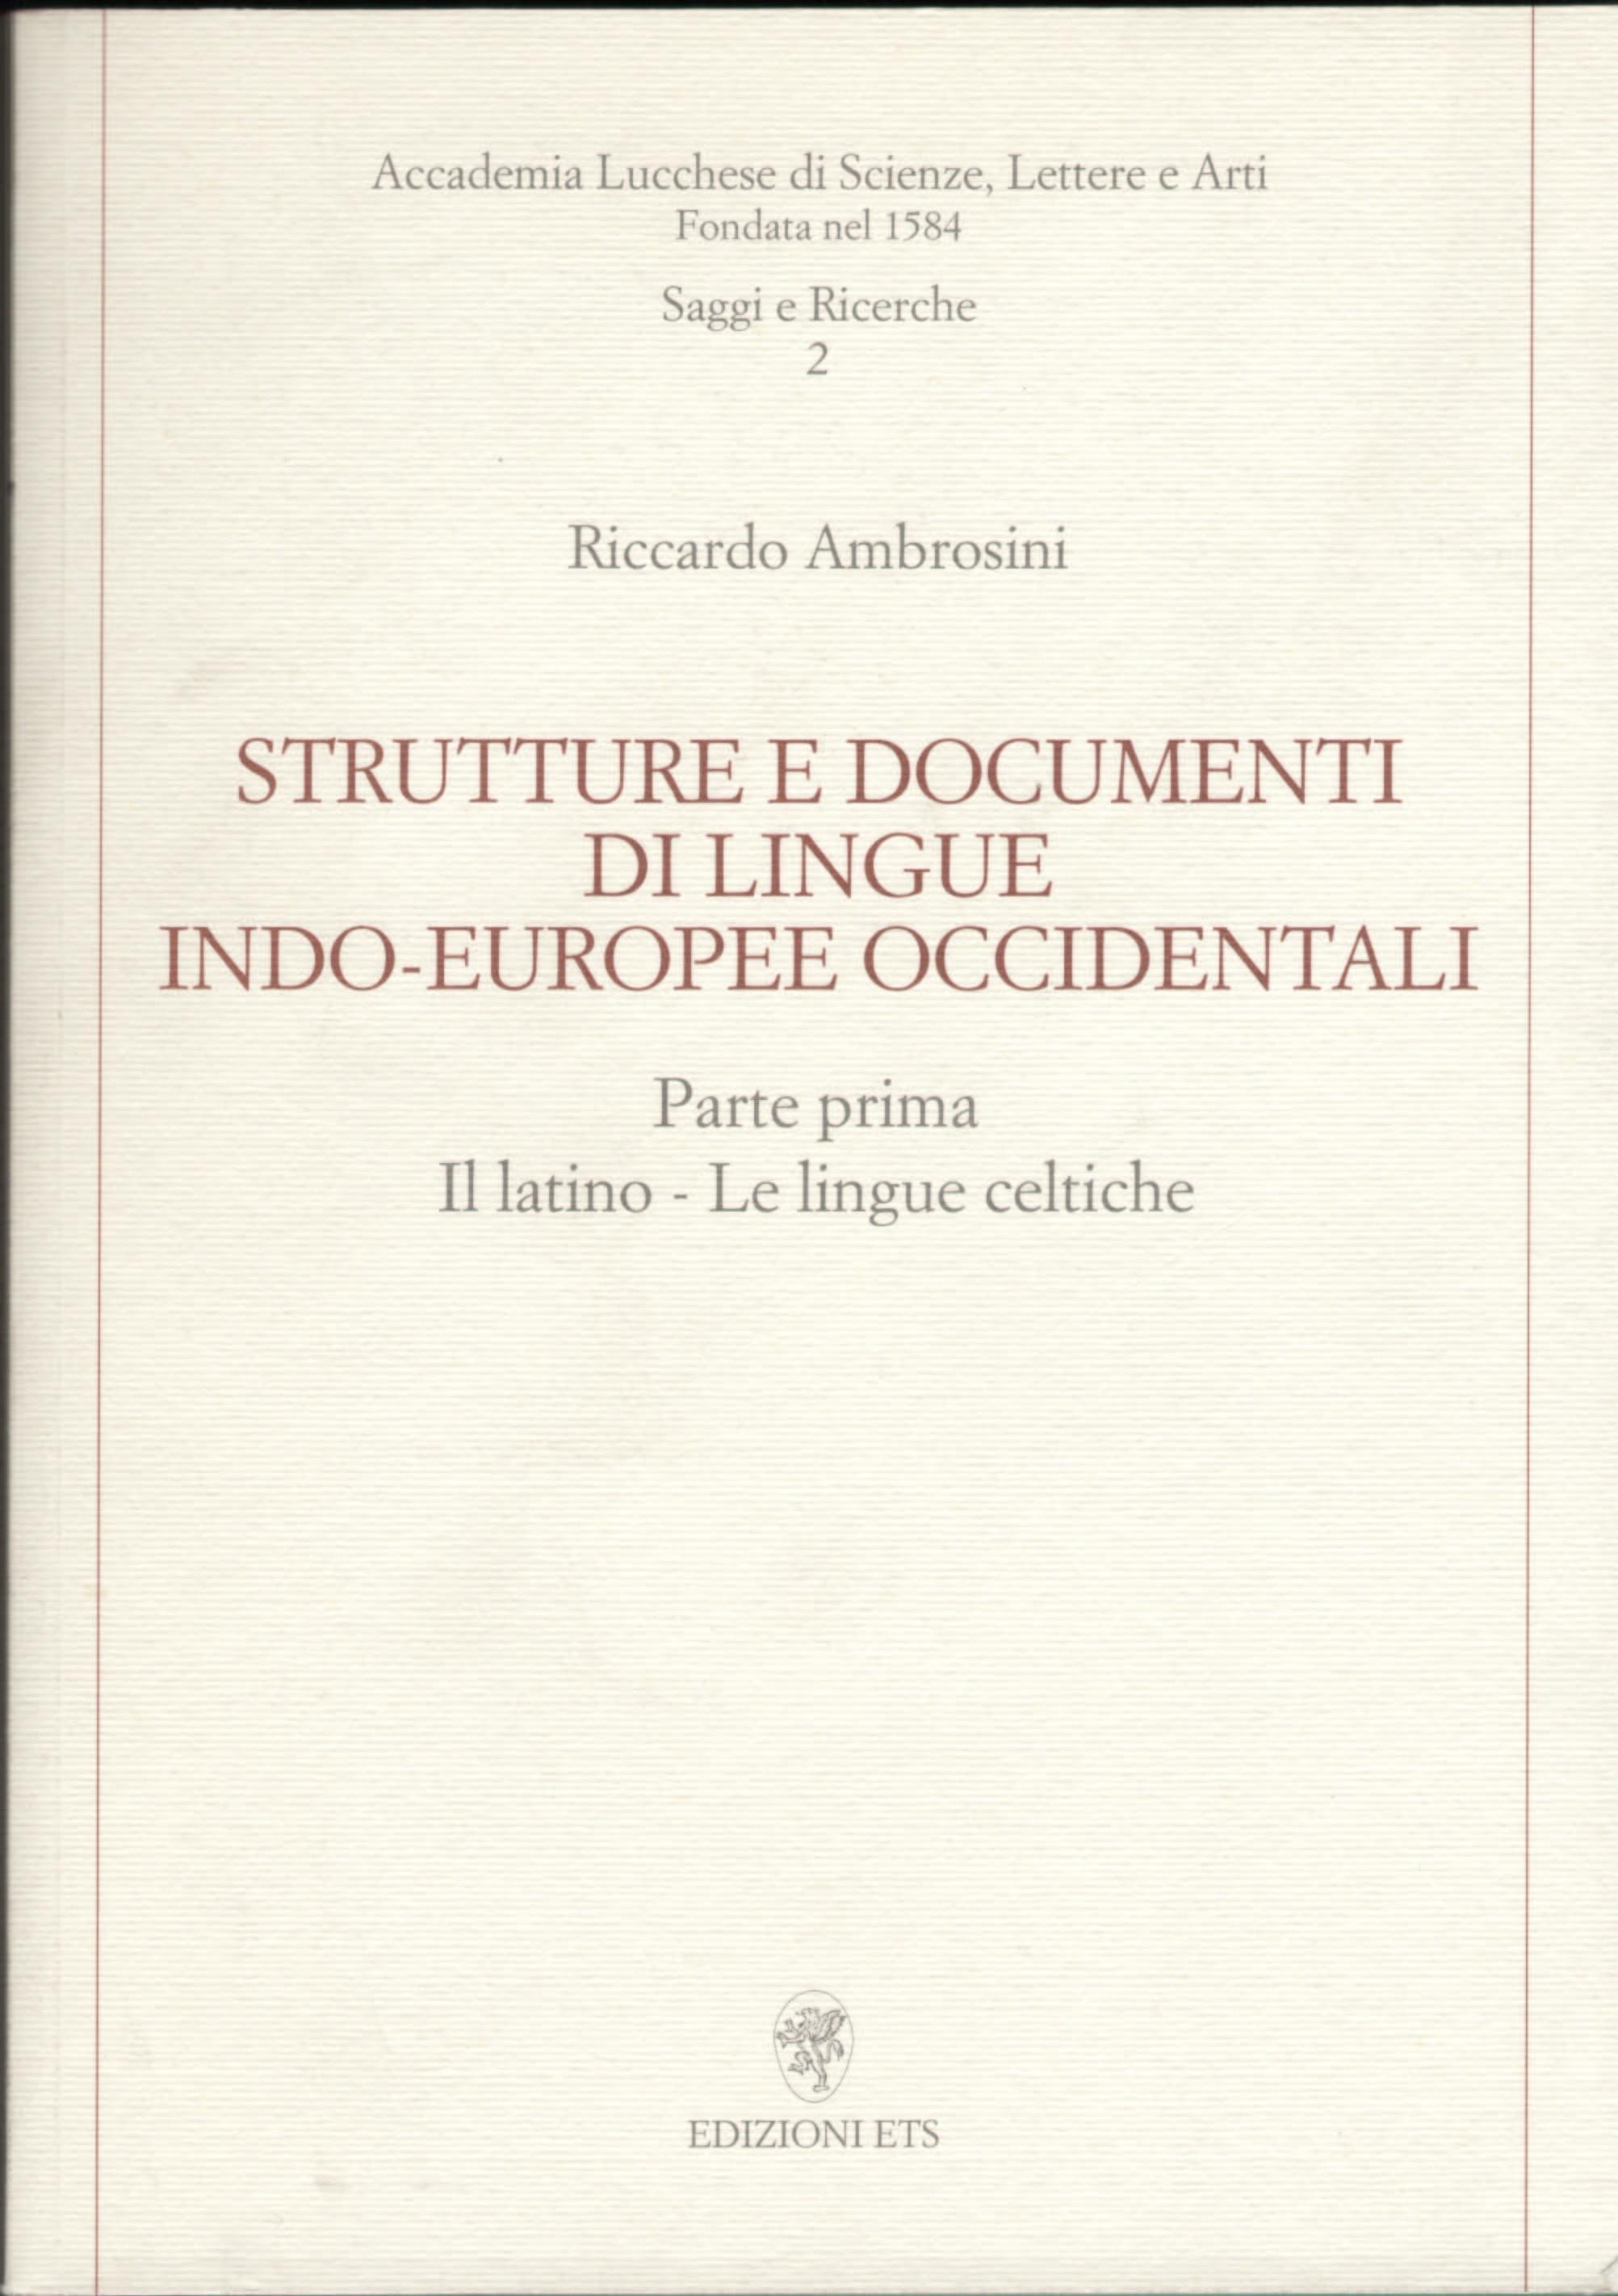 Strutture e documenti di lingue indo-europee occidentali